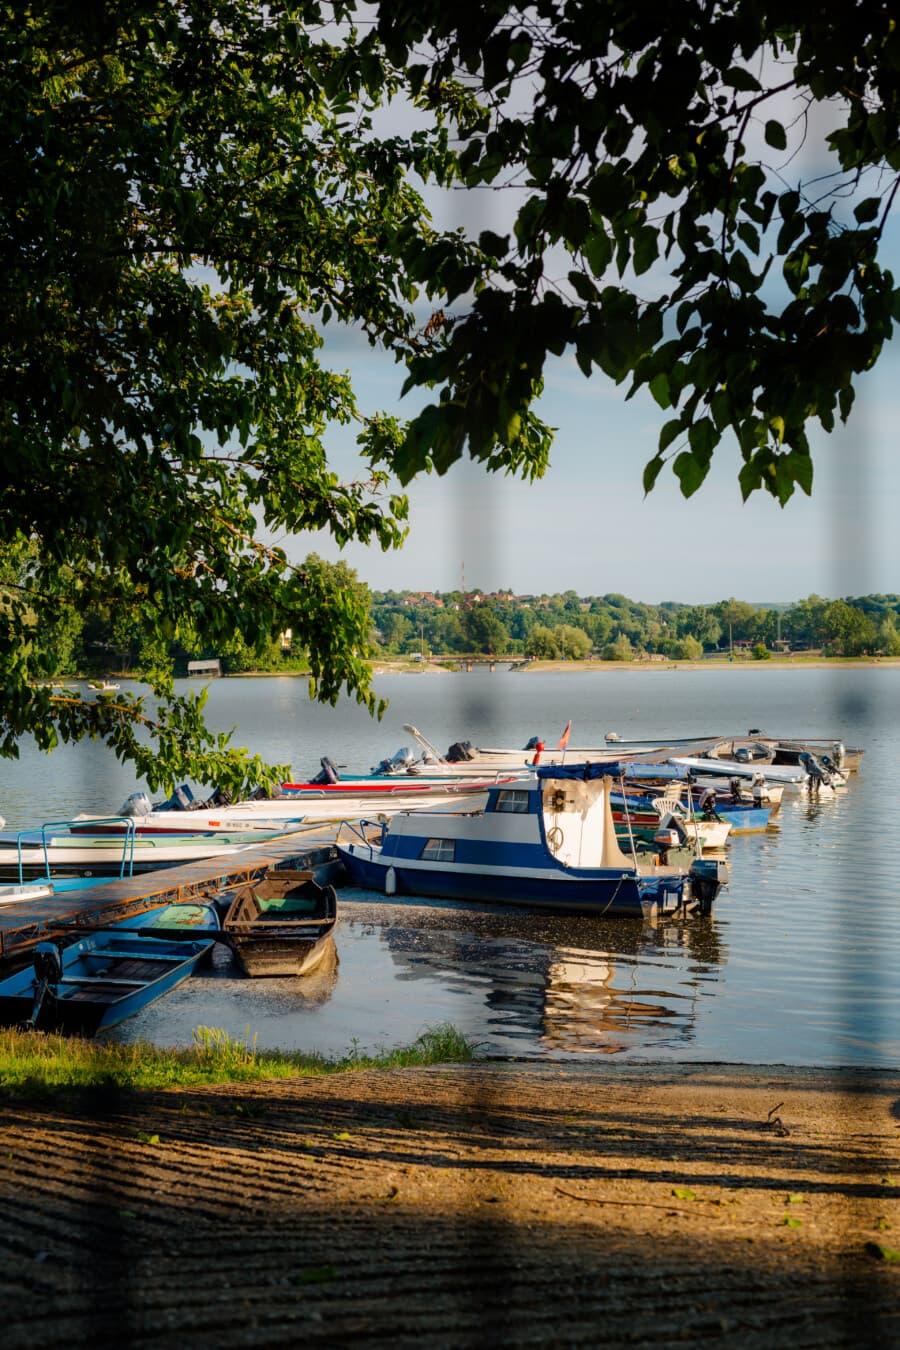 bateau de rivière, bateaux, port, canal, bateau, eau, rivière, Lac, réflexion, arbre